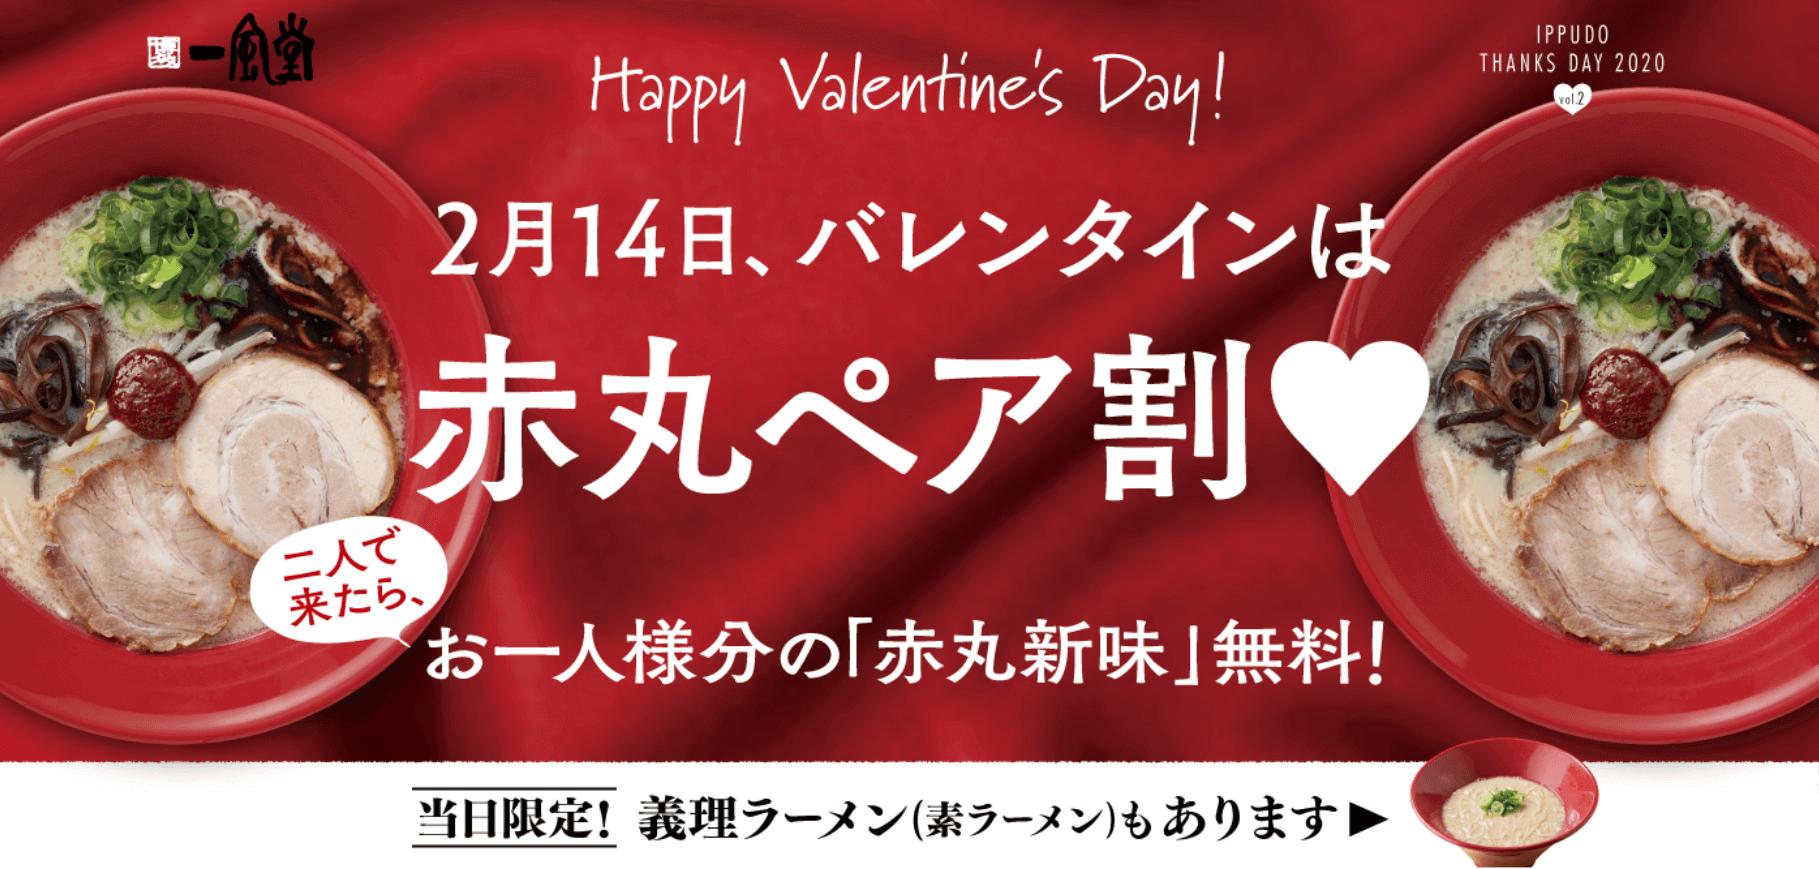 一風堂バレンタイン赤丸ペア割キャンペーン